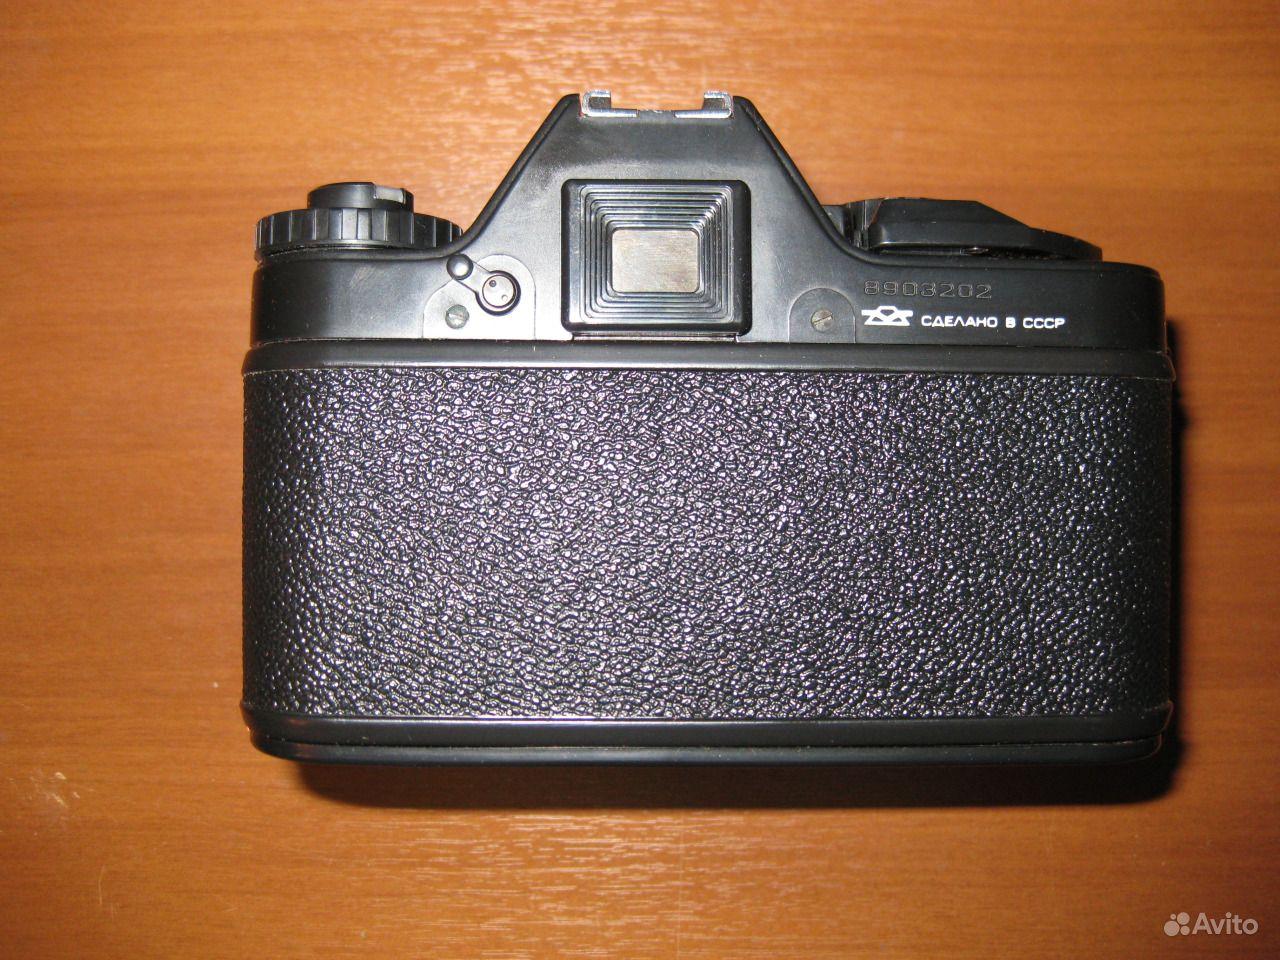 Как перенести фото с фотоаппарата на телефон купания